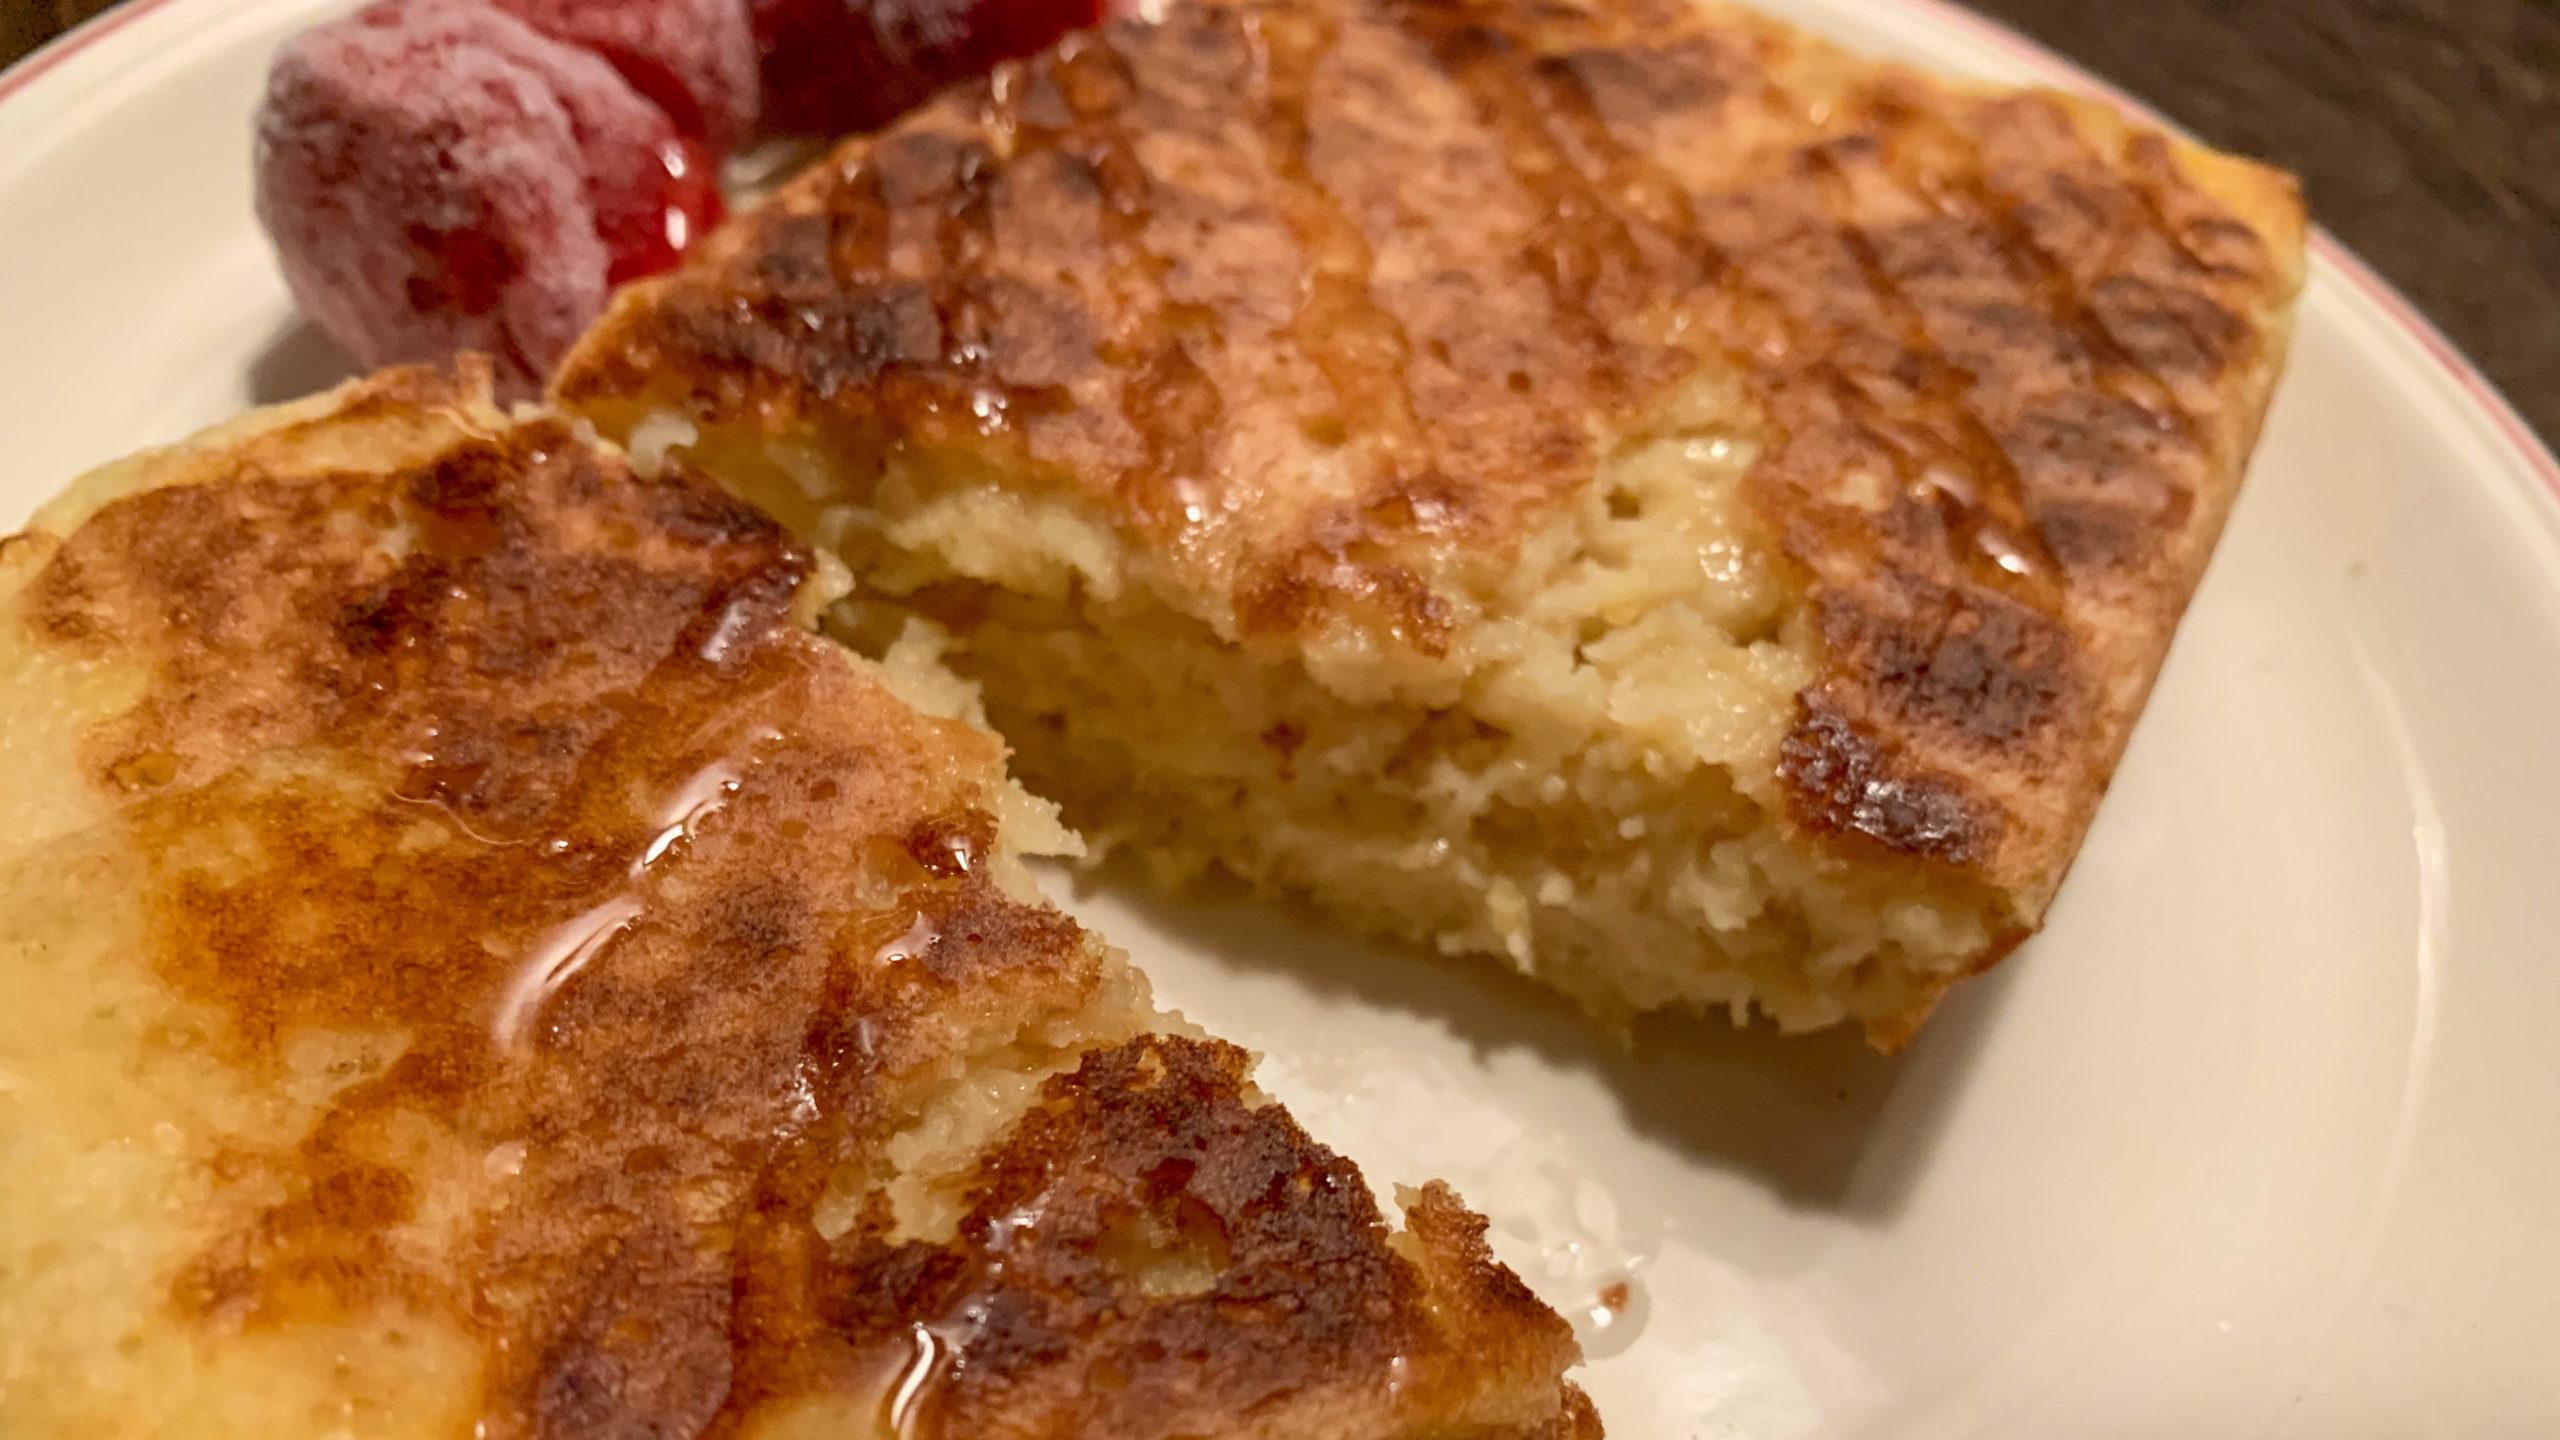 【メスティンおやつ時間】パン粉で簡単フレンチトーストの作り方!